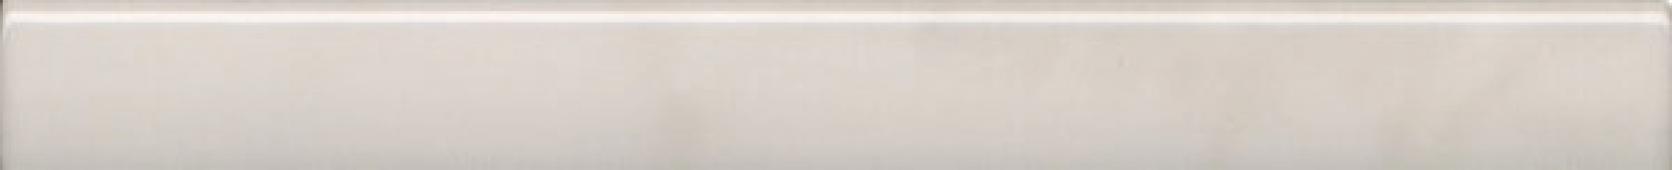 PFE018 Карандаш Висконти белый 20*2 бордюр